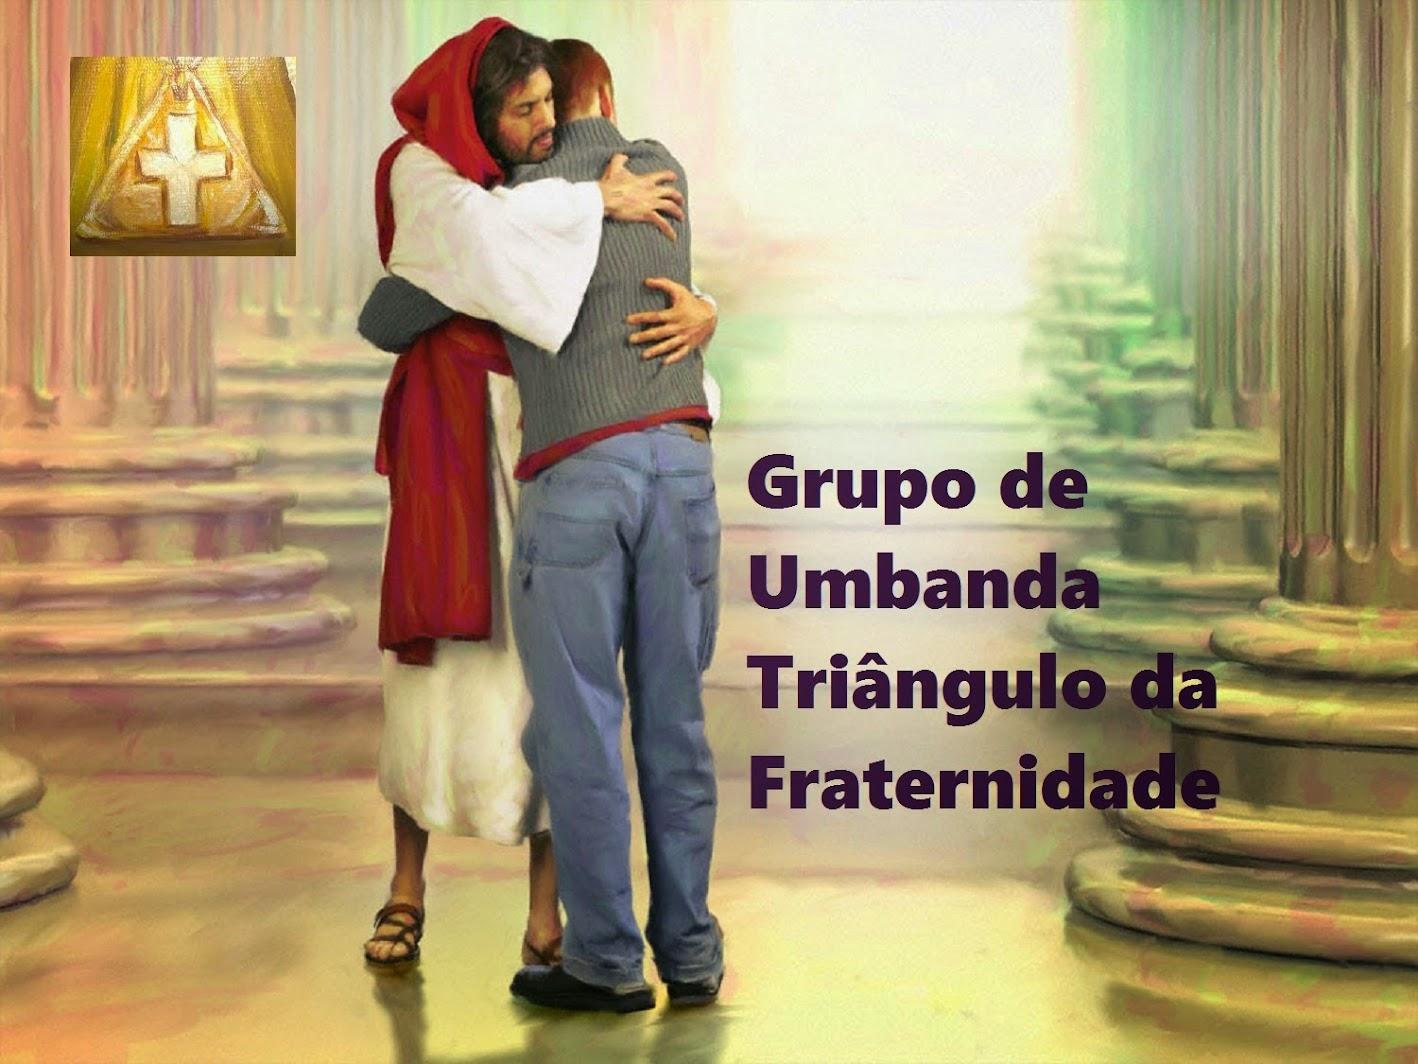 Grupo de Umbanda Triângulo da Fraternidade